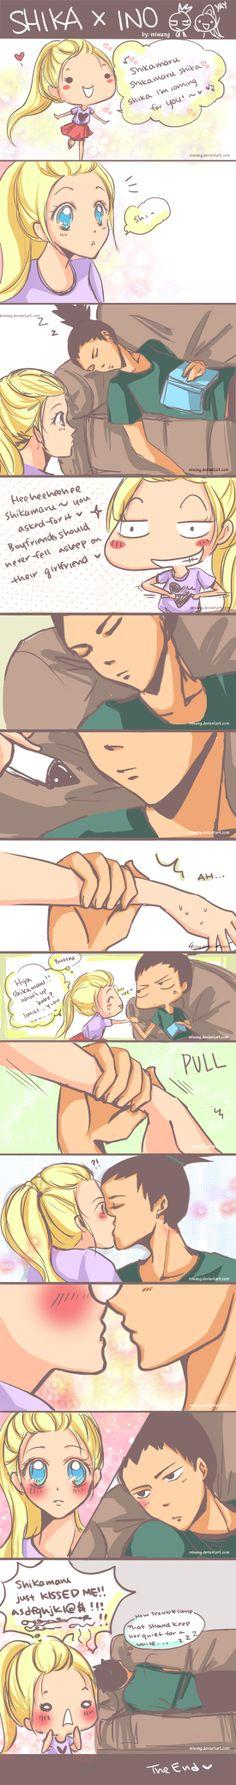 Naruto: Shika x Ino 2 by miwang.deviantart.com on @deviantART